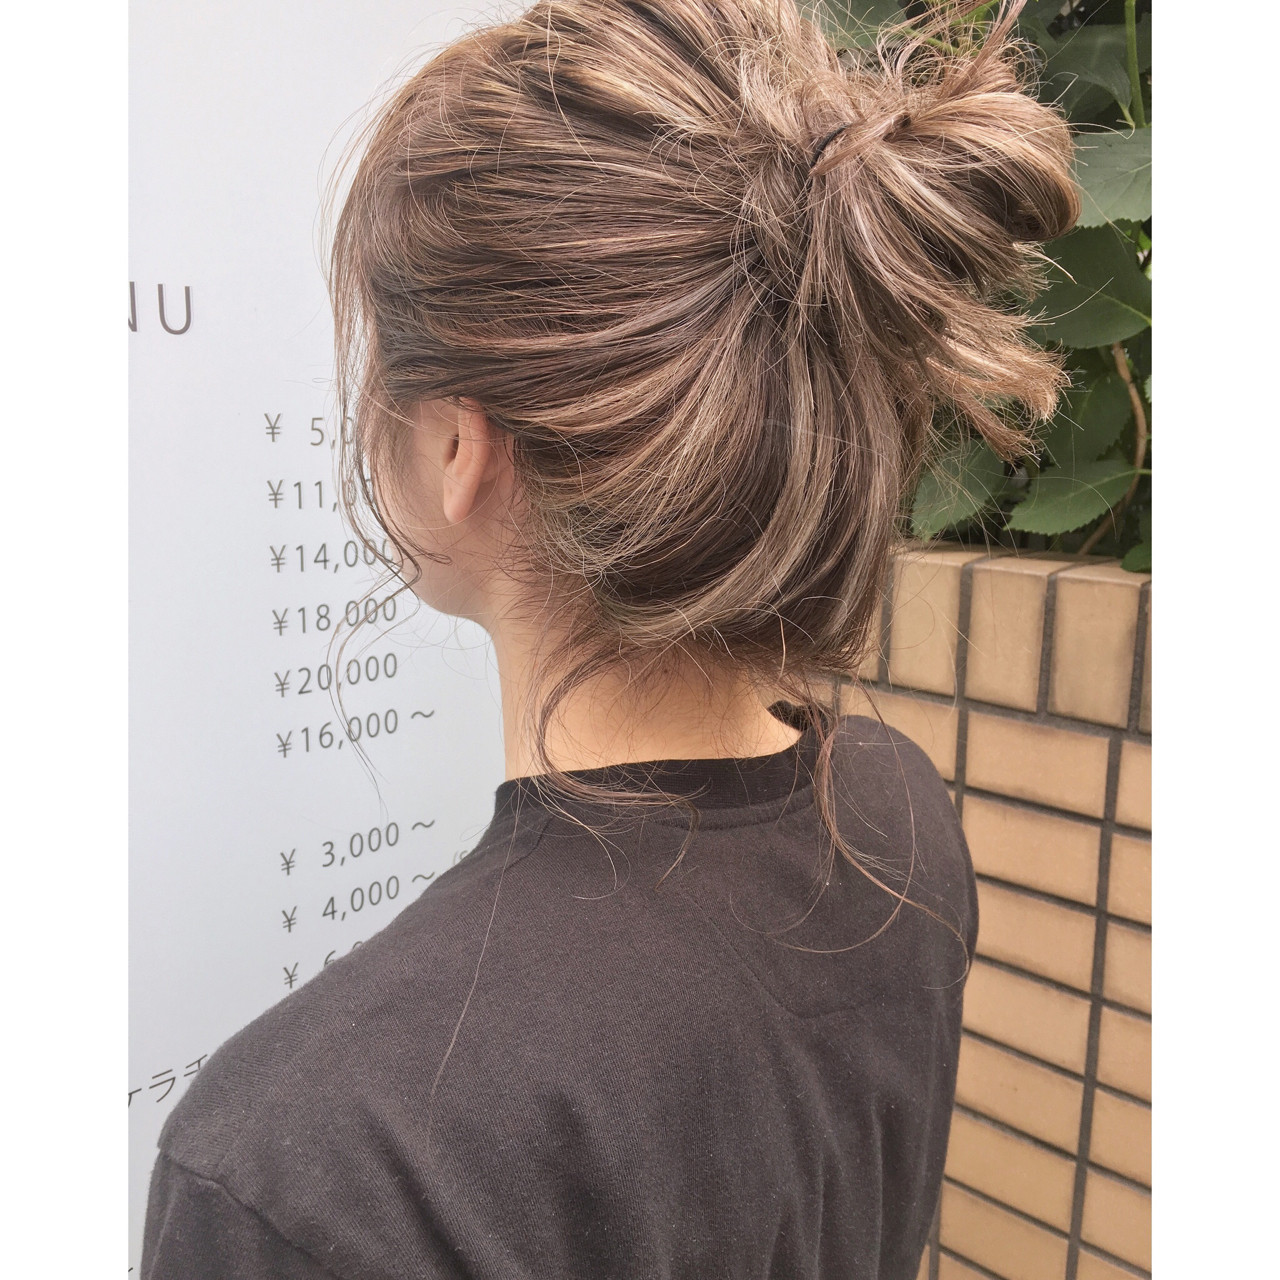 ゆるふわ 外国人風 大人かわいい ストリート ヘアスタイルや髪型の写真・画像 | スガ シュンスケ / Tierra (ティエラ)